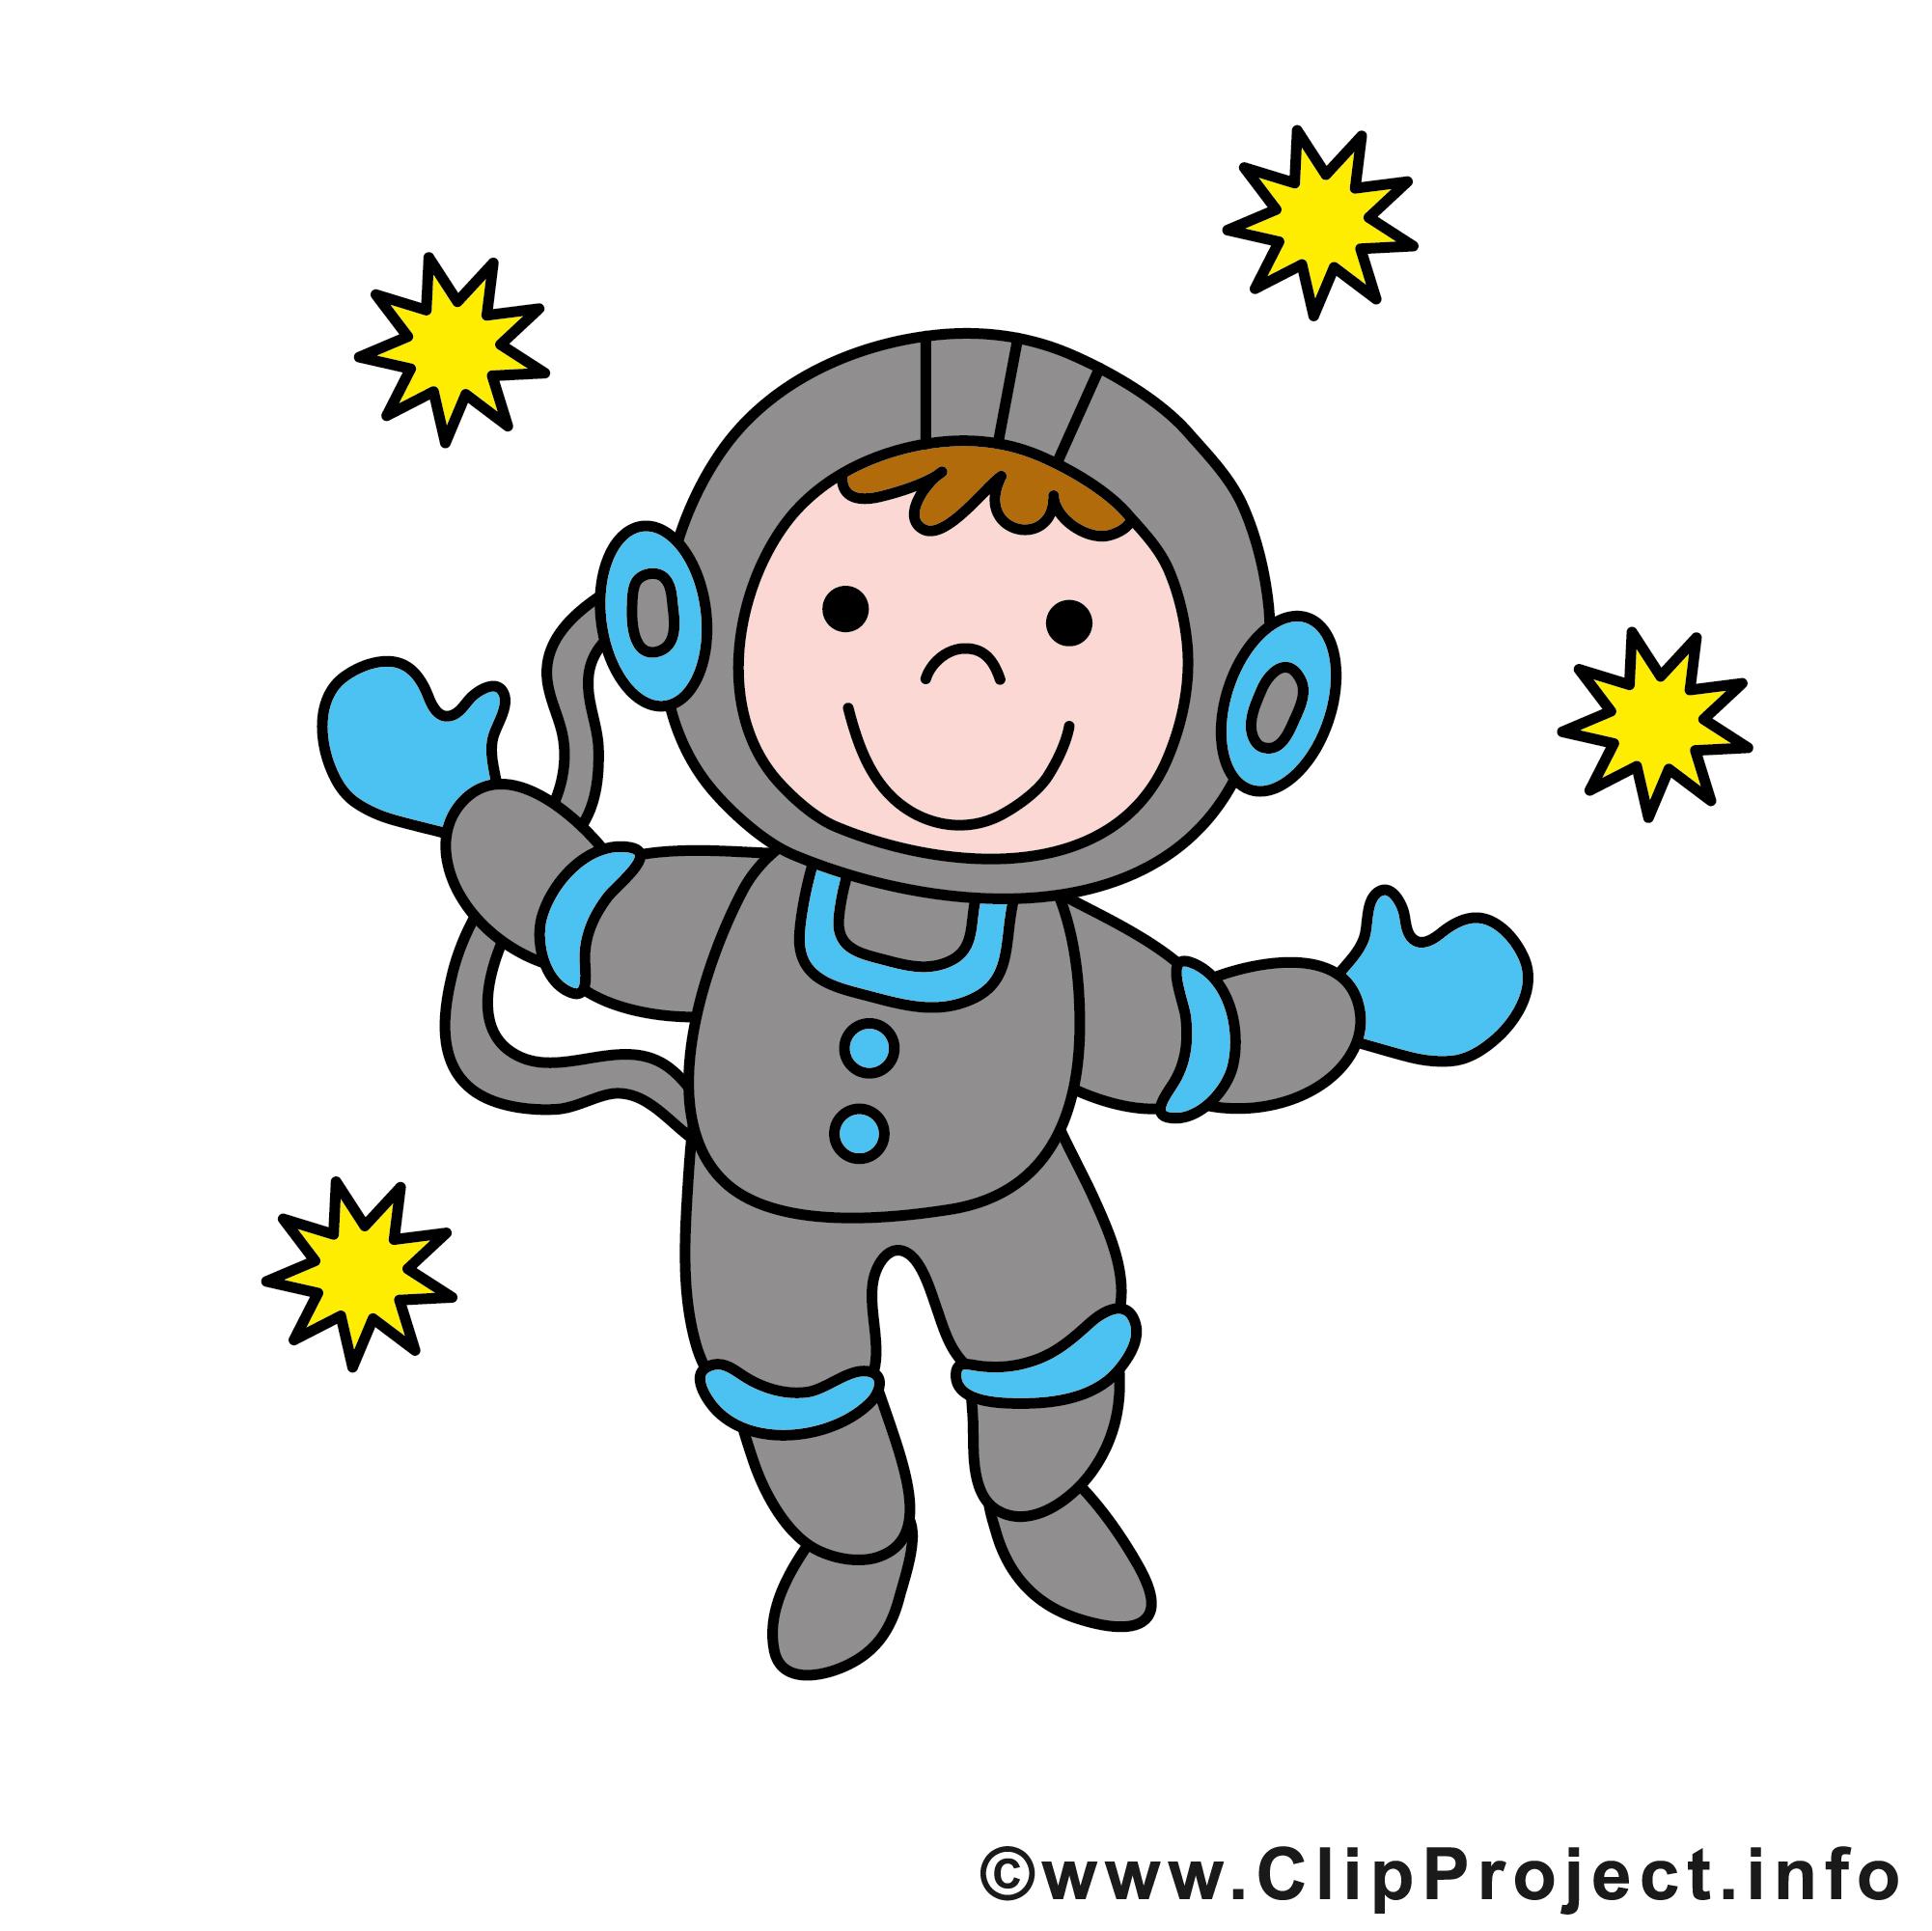 Boy clipart astronaut Free Astronaut%20Clip%20Art Images Panda Clipart